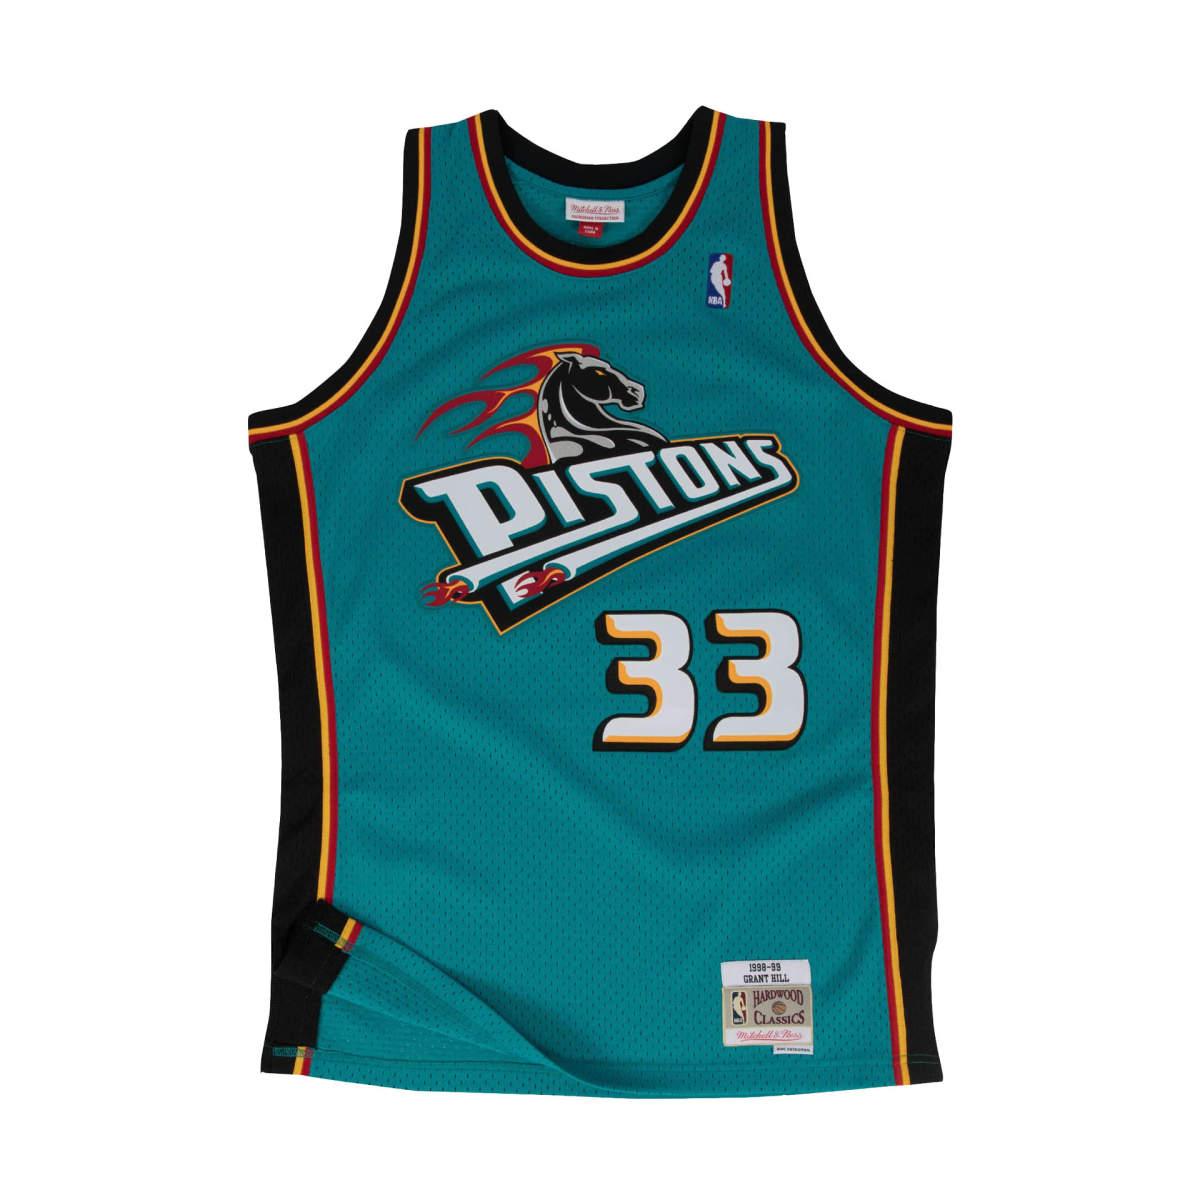 Detroit pistons away swingman jersey 1998-99 hill